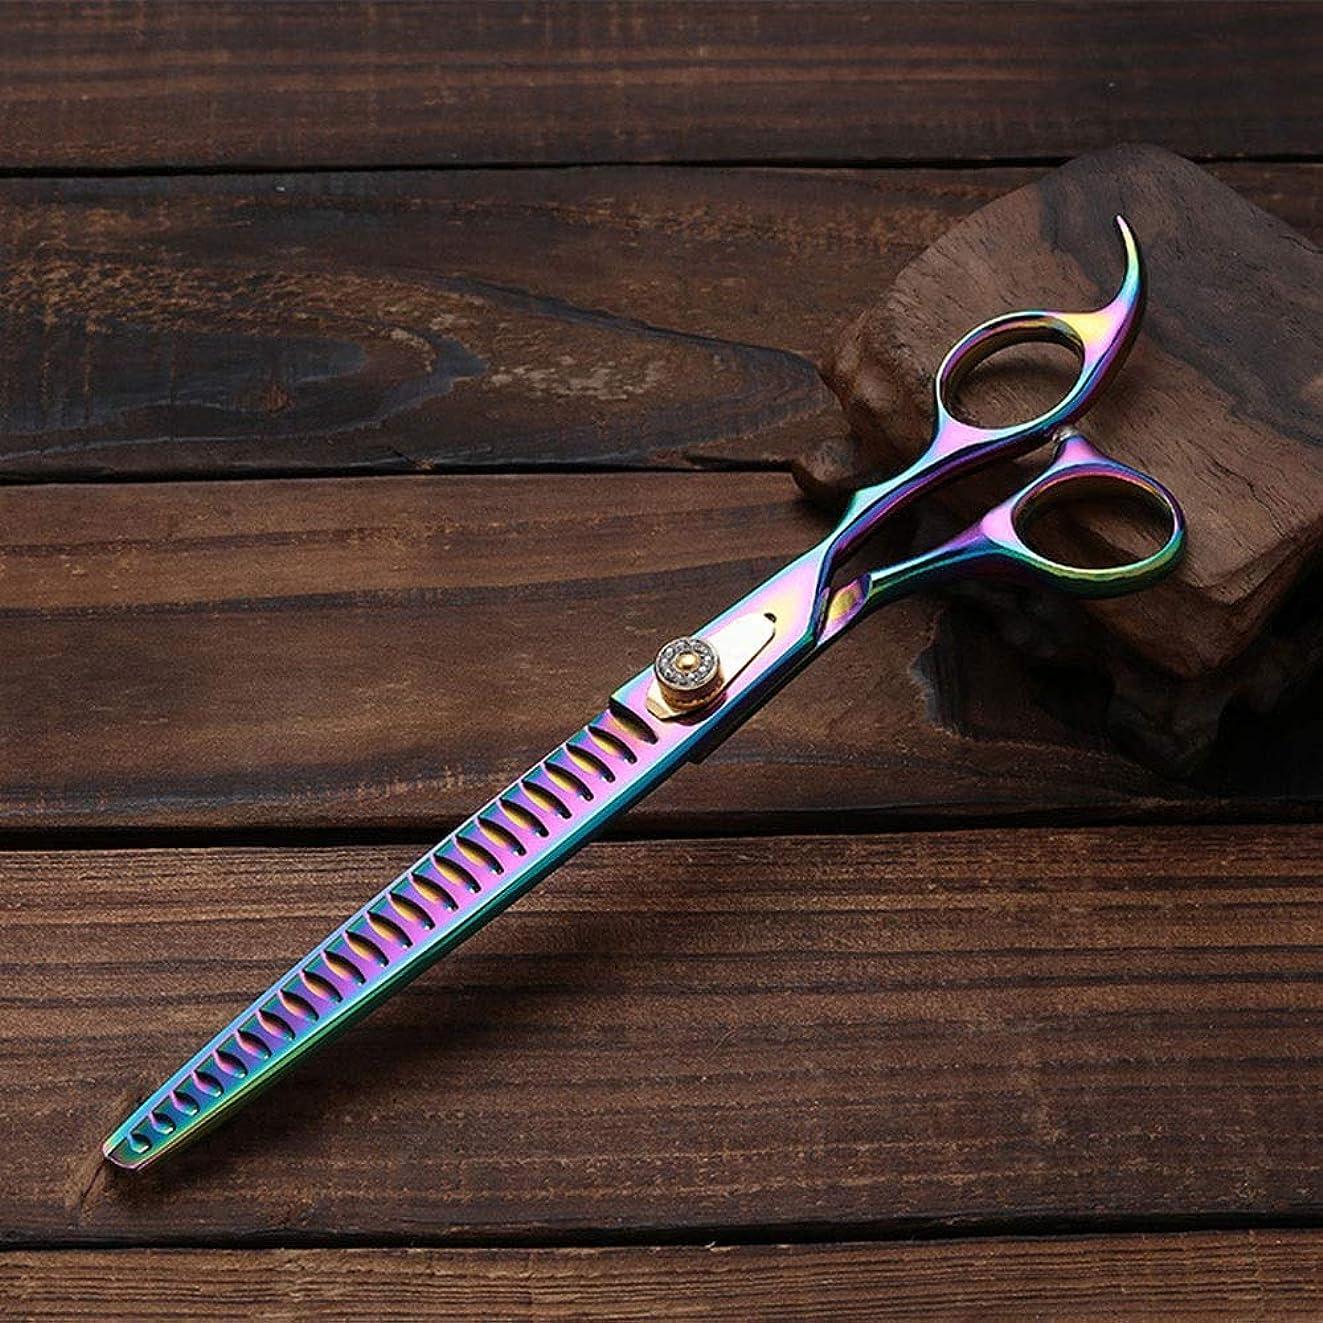 付添人実験的インスタント8.0インチの魚骨はさみ美容はさみペットの歯のカット モデリングツール (色 : 色)